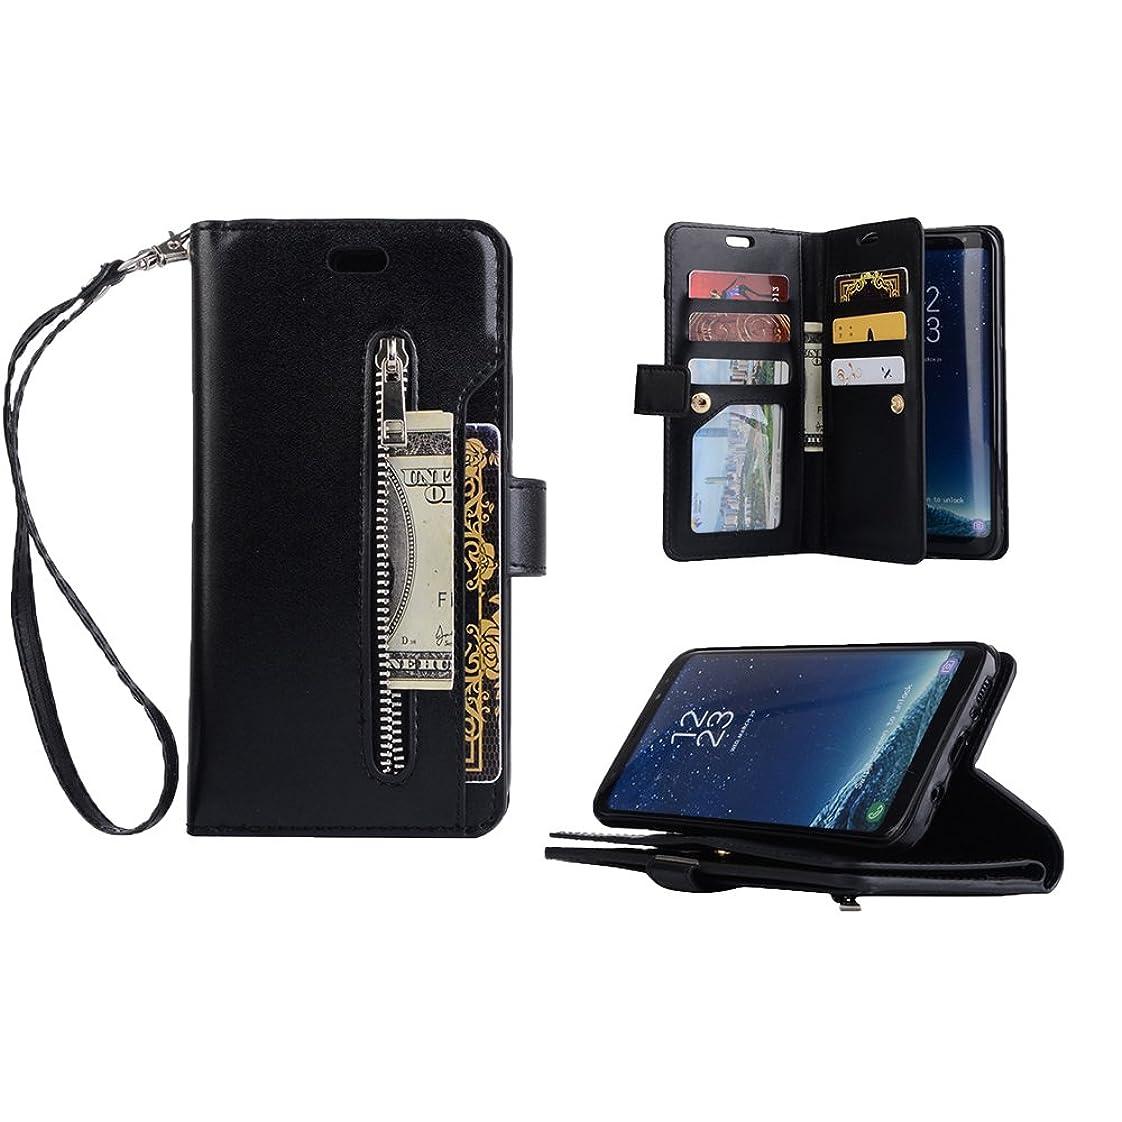 虫を数える煩わしいチートGalaxy S8 Plus おしゃれカバー PUレザー カード収納 スタンド機能 ストラップ付き 手帳型ケース ギャラクシー S8 Plus対応 ブラックメンズ かっこいい ビジネス